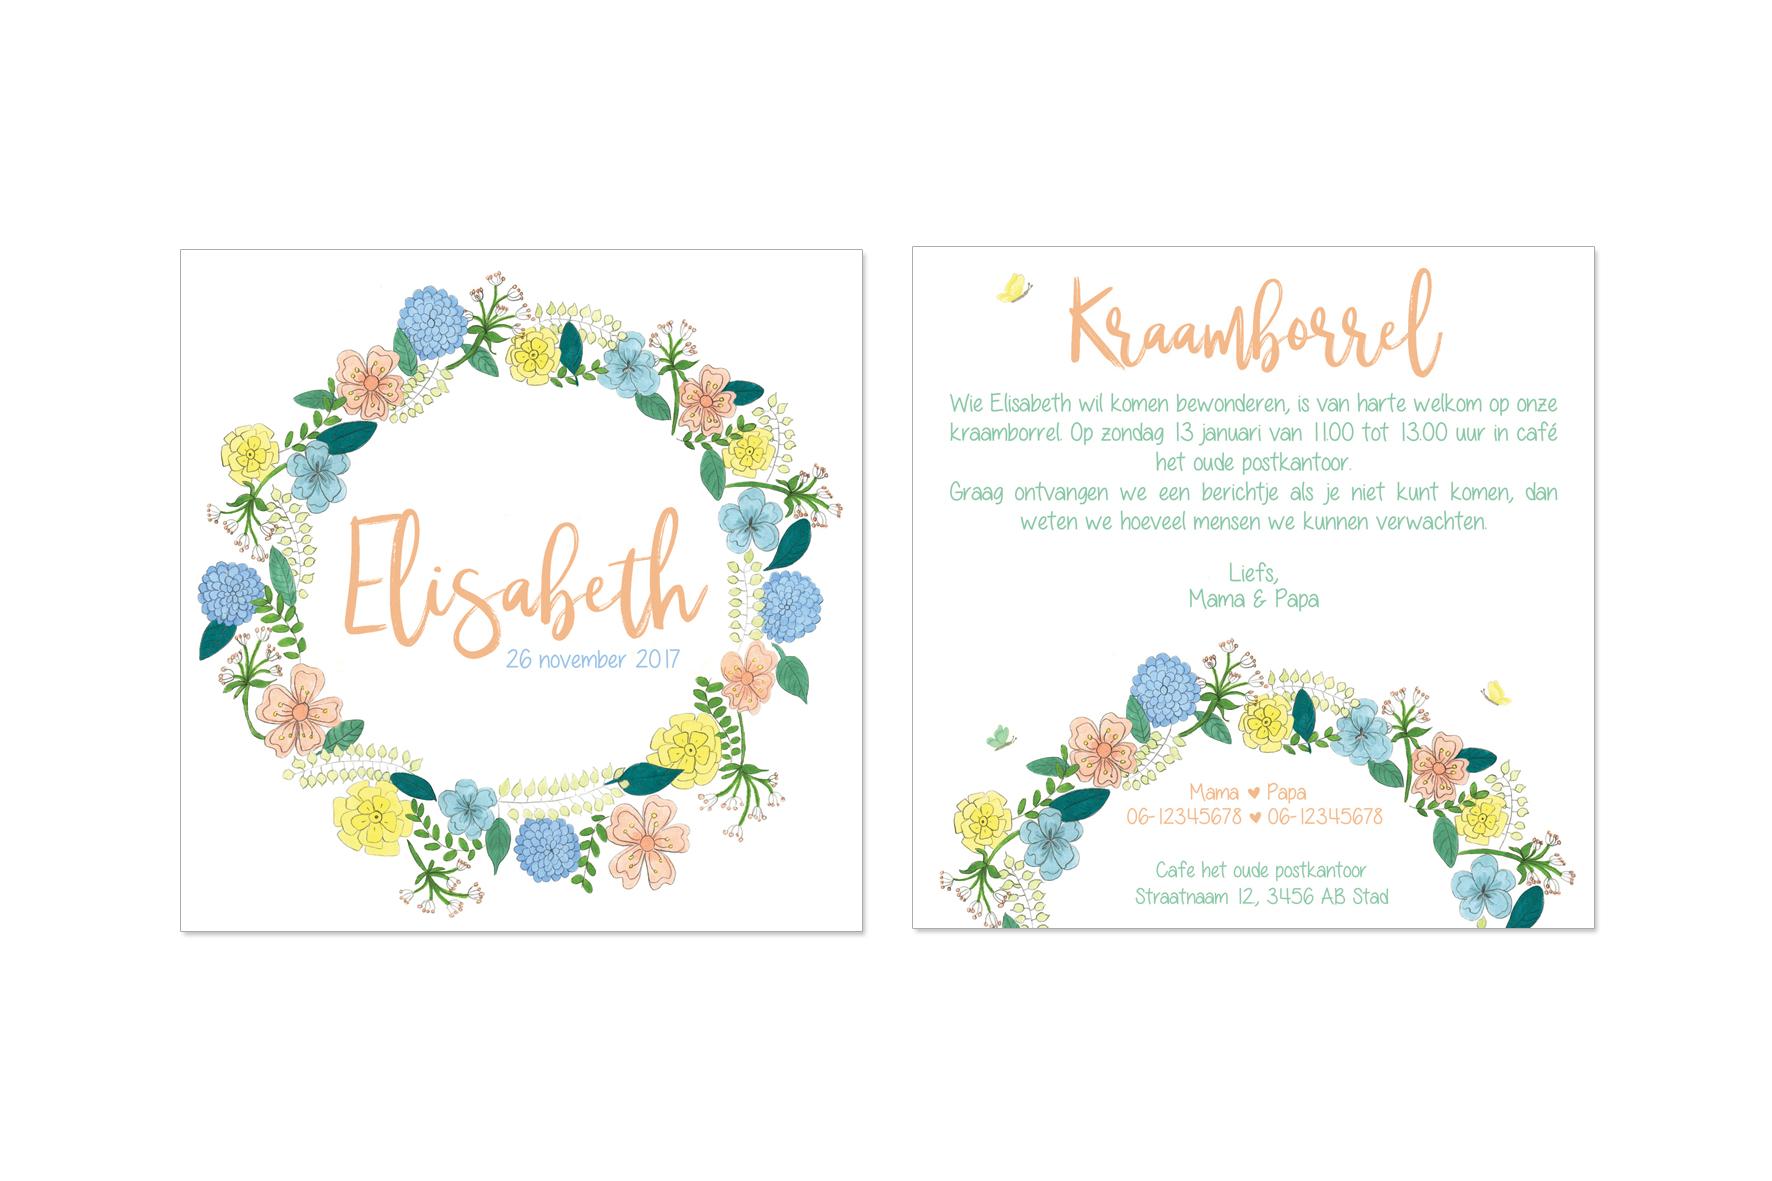 kraamfeest uitnodiging met bloemenkrans illustratie